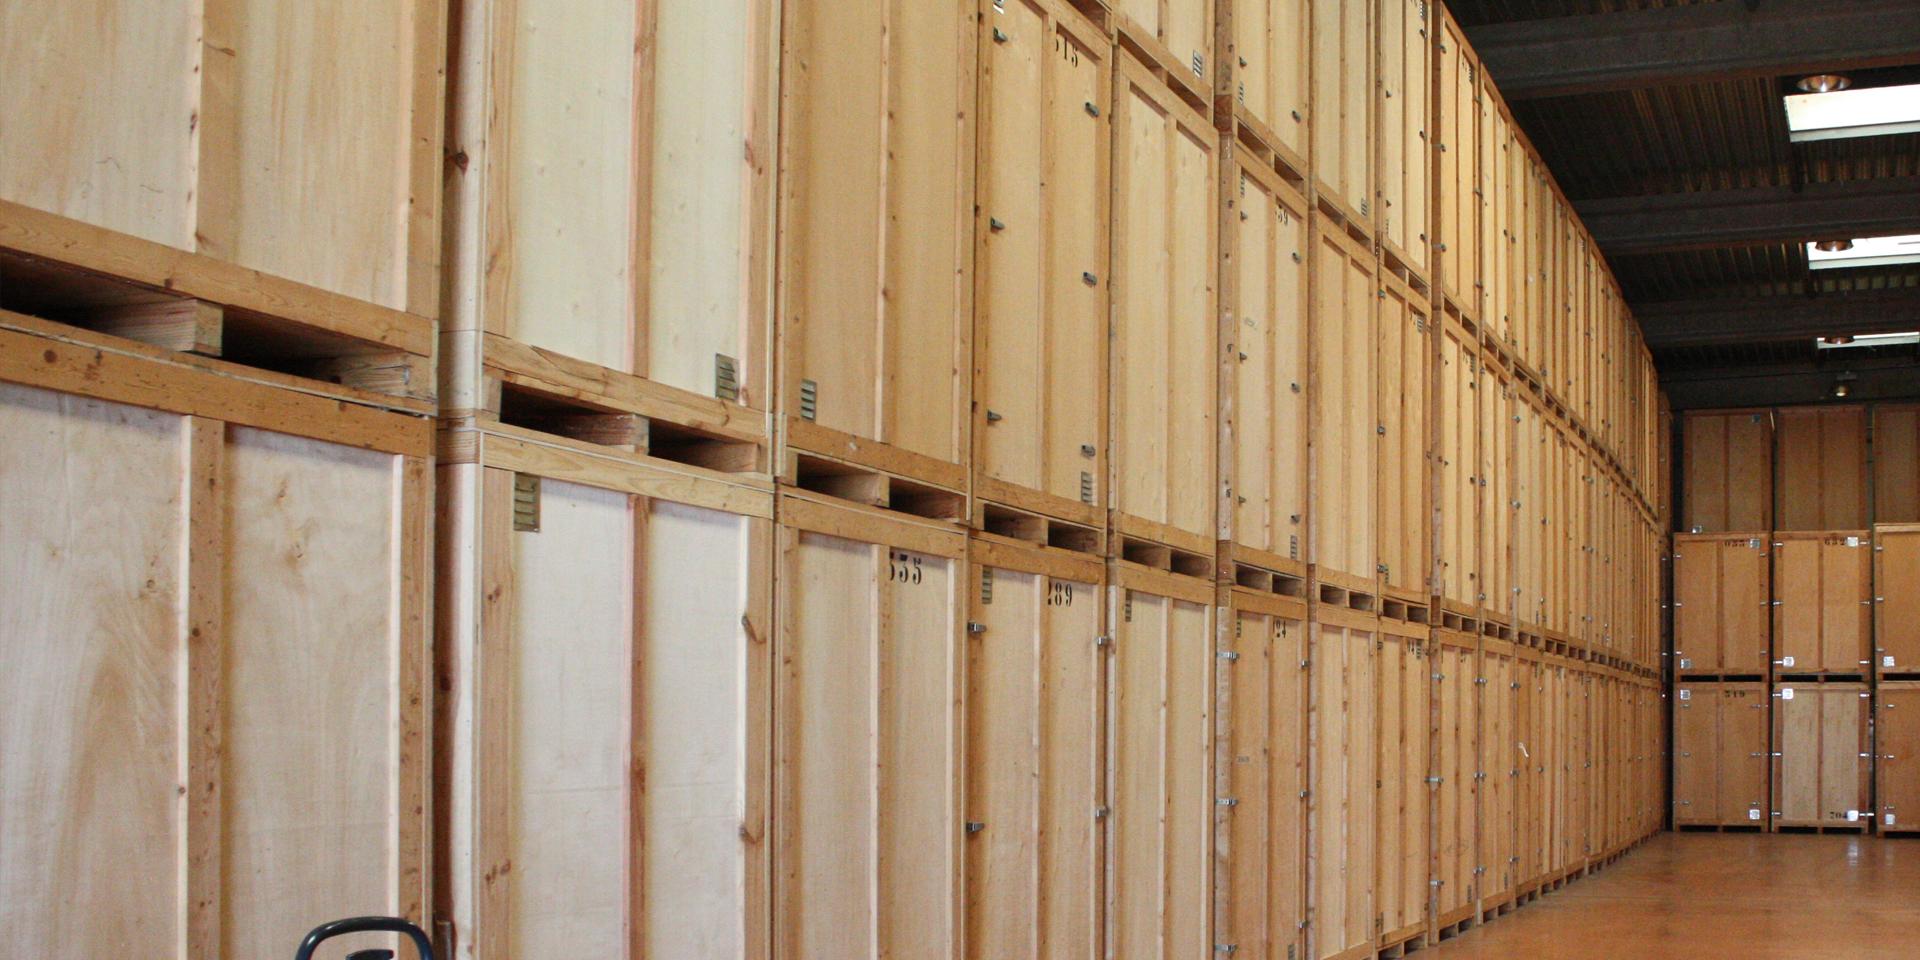 Luxe garde meuble gard galerie - Garde meuble nimes ...